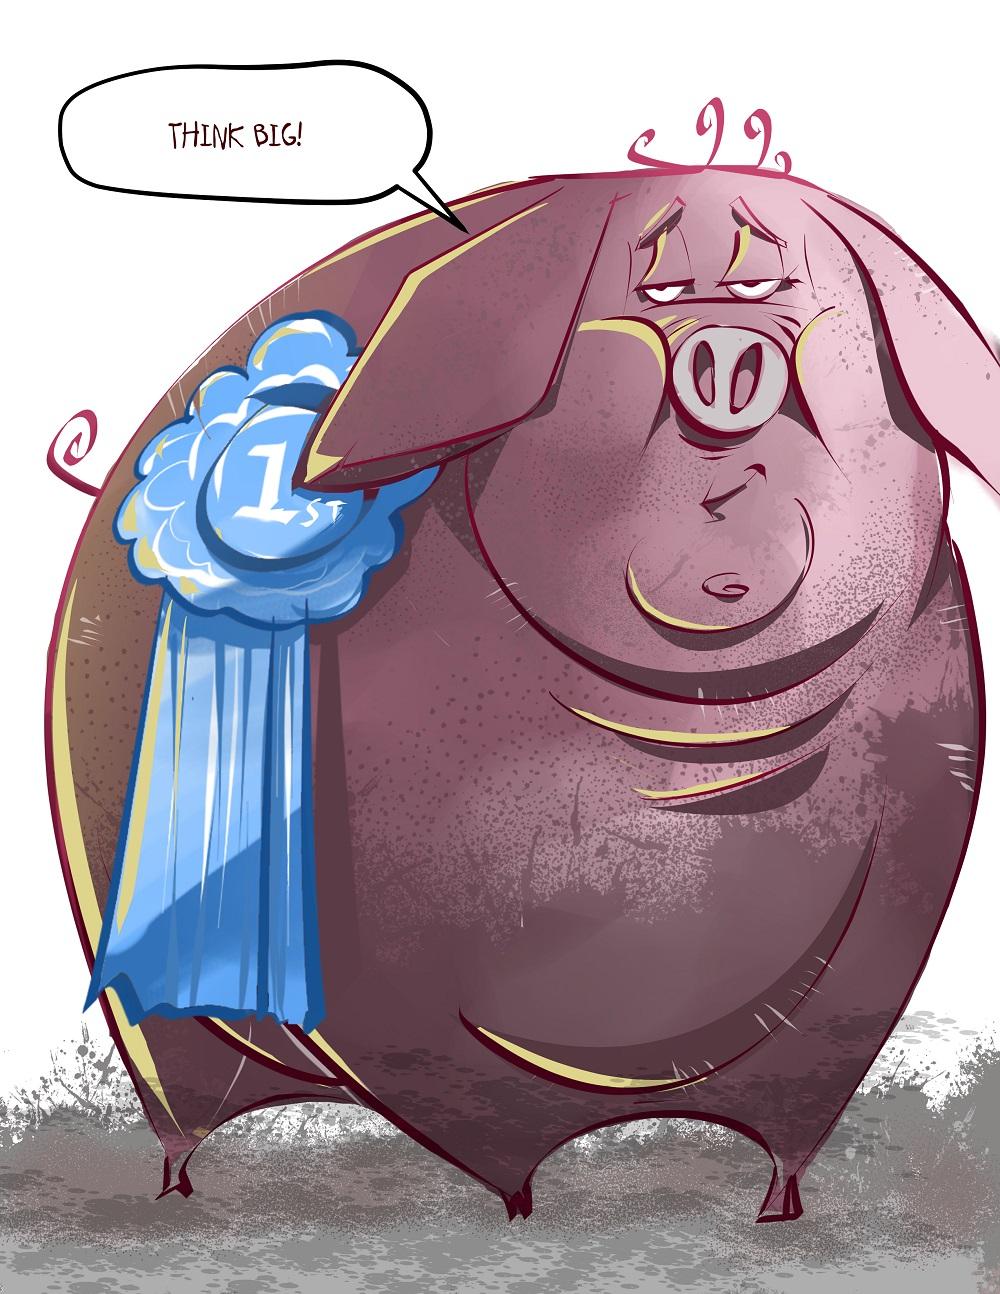 Piggy_007.jpg